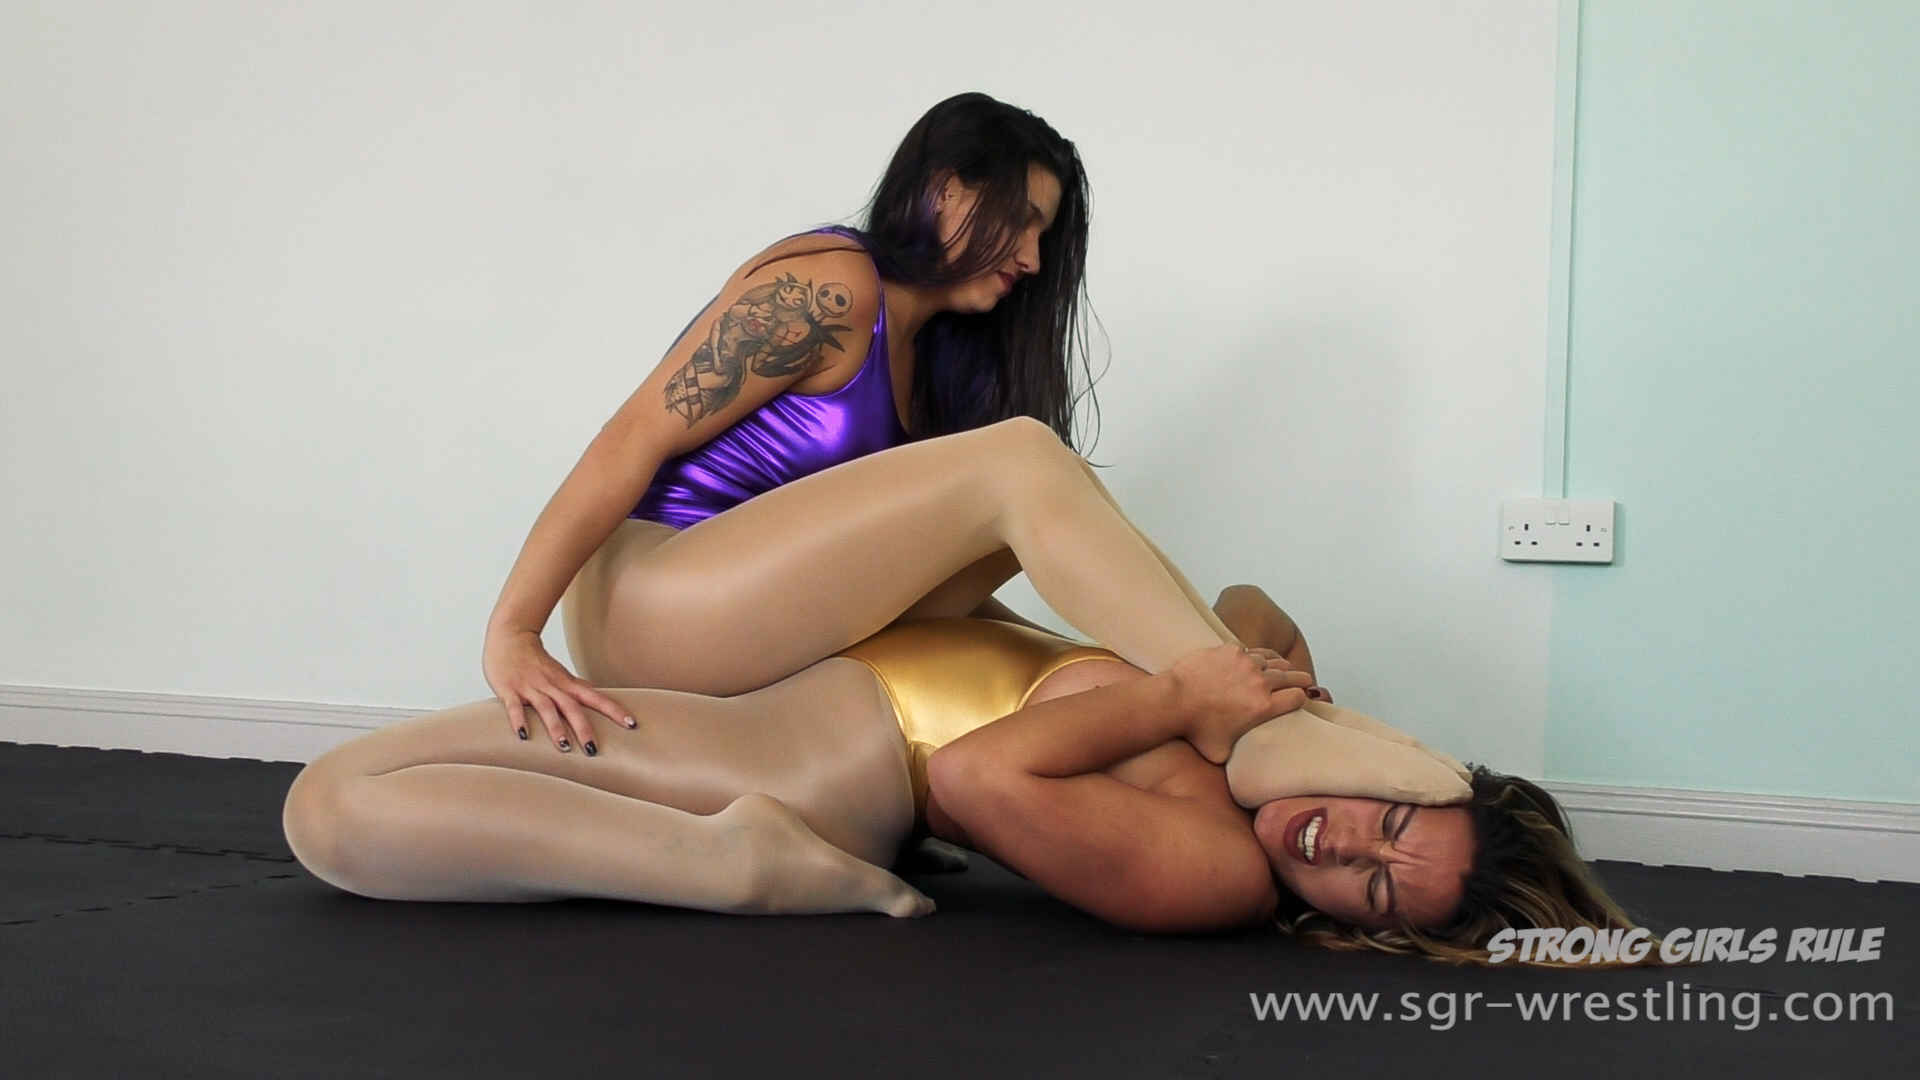 SGR0150